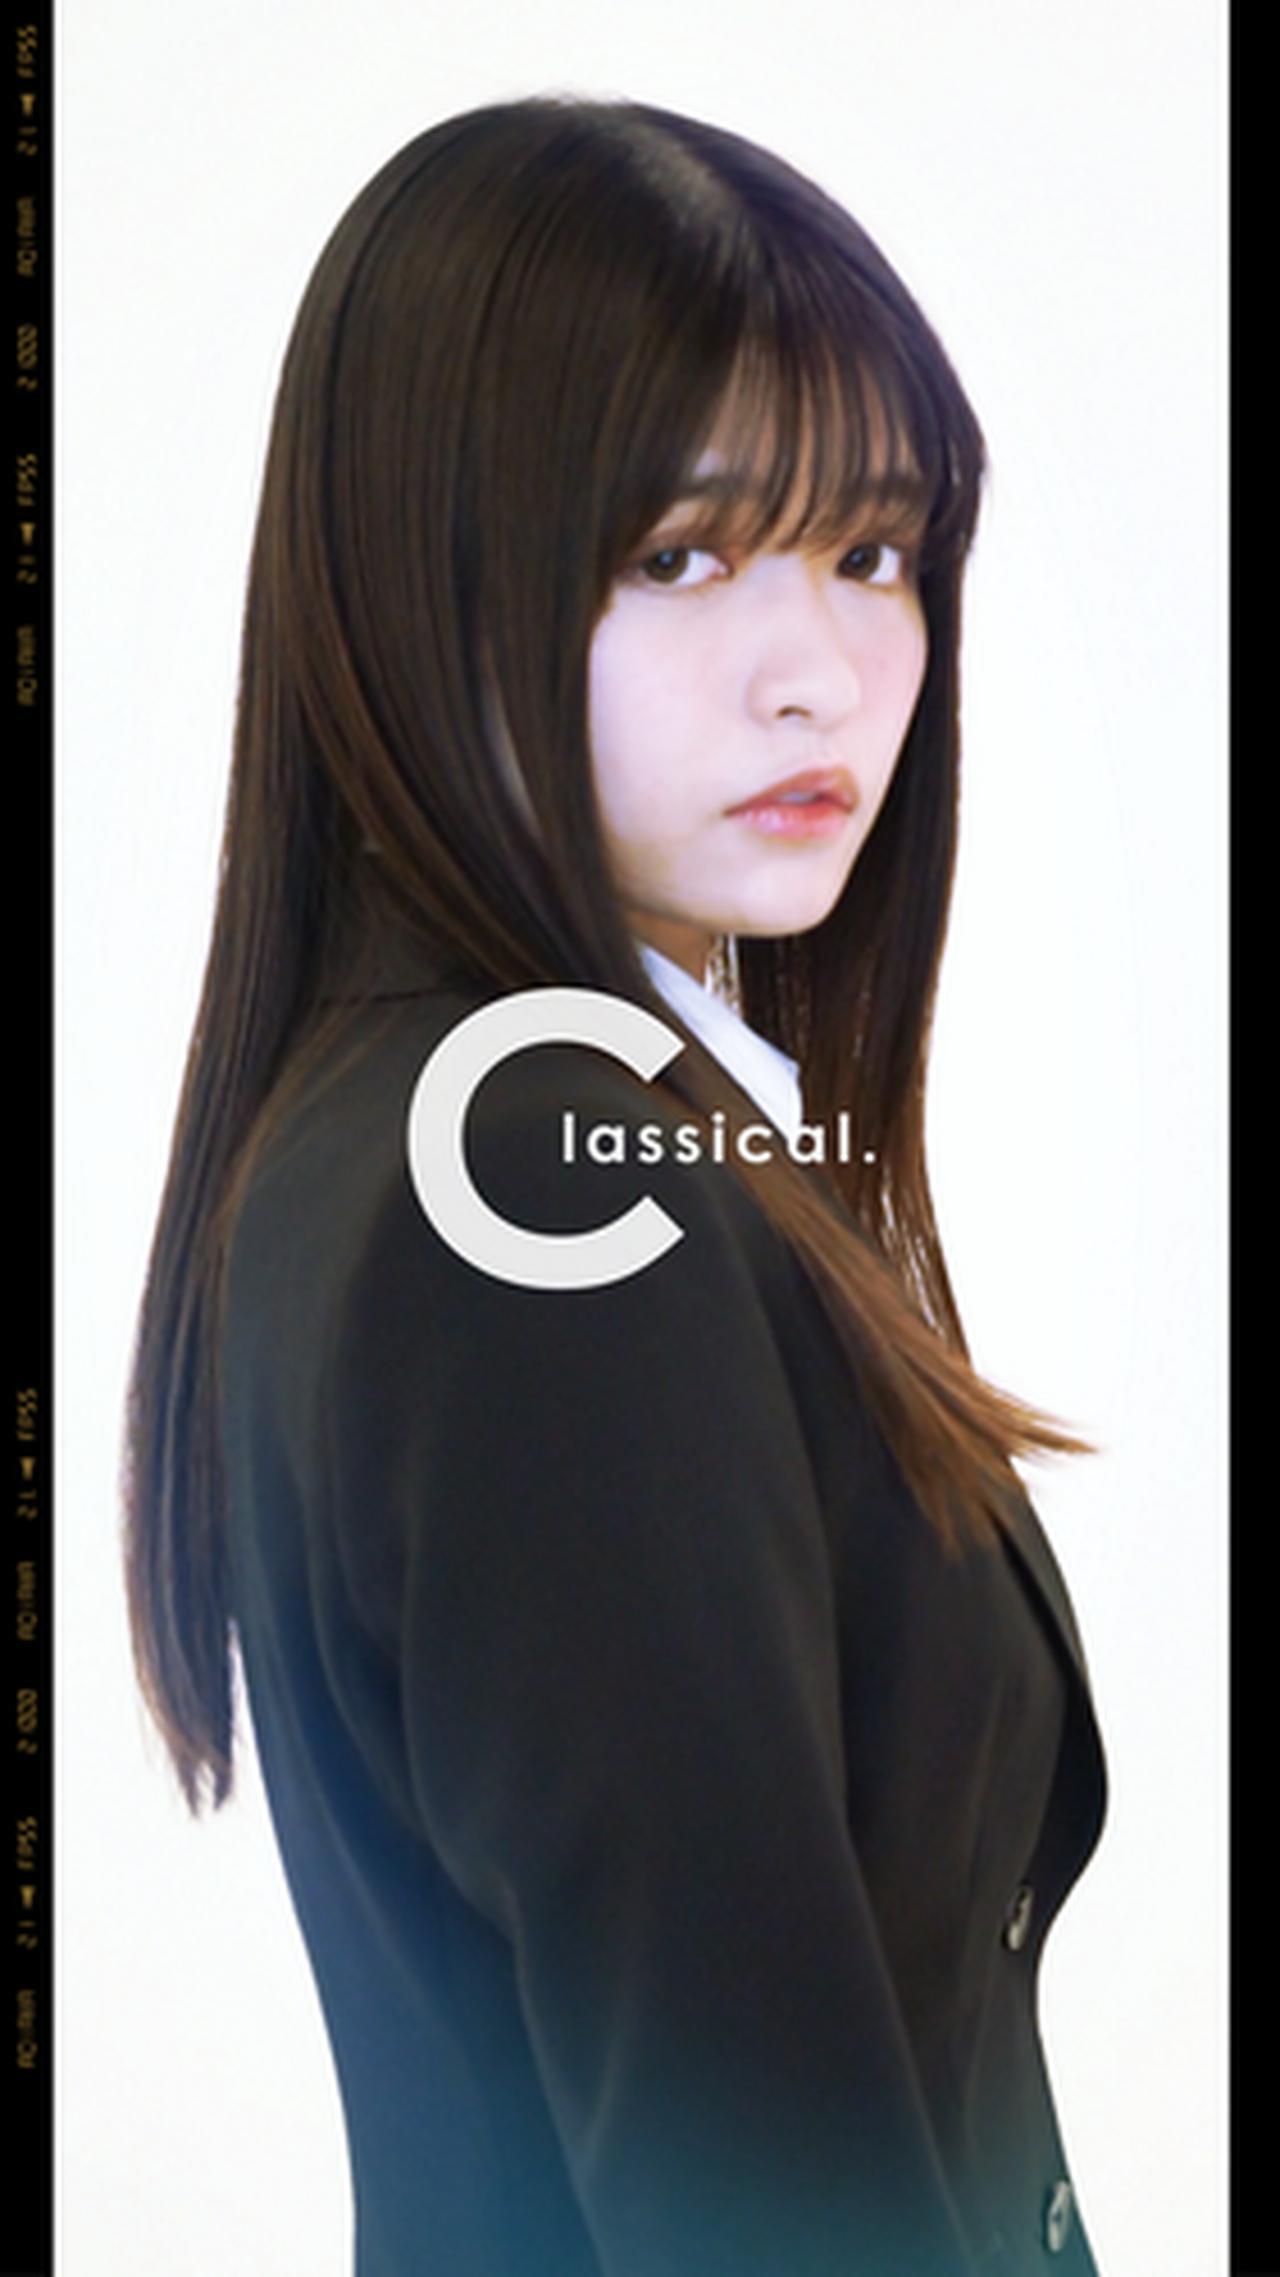 画像3: 「洋服の青山」フレッシャーズ向けキャンペーンに TikTokフォロワー数が女性日本一の景井ひなさんが登場!